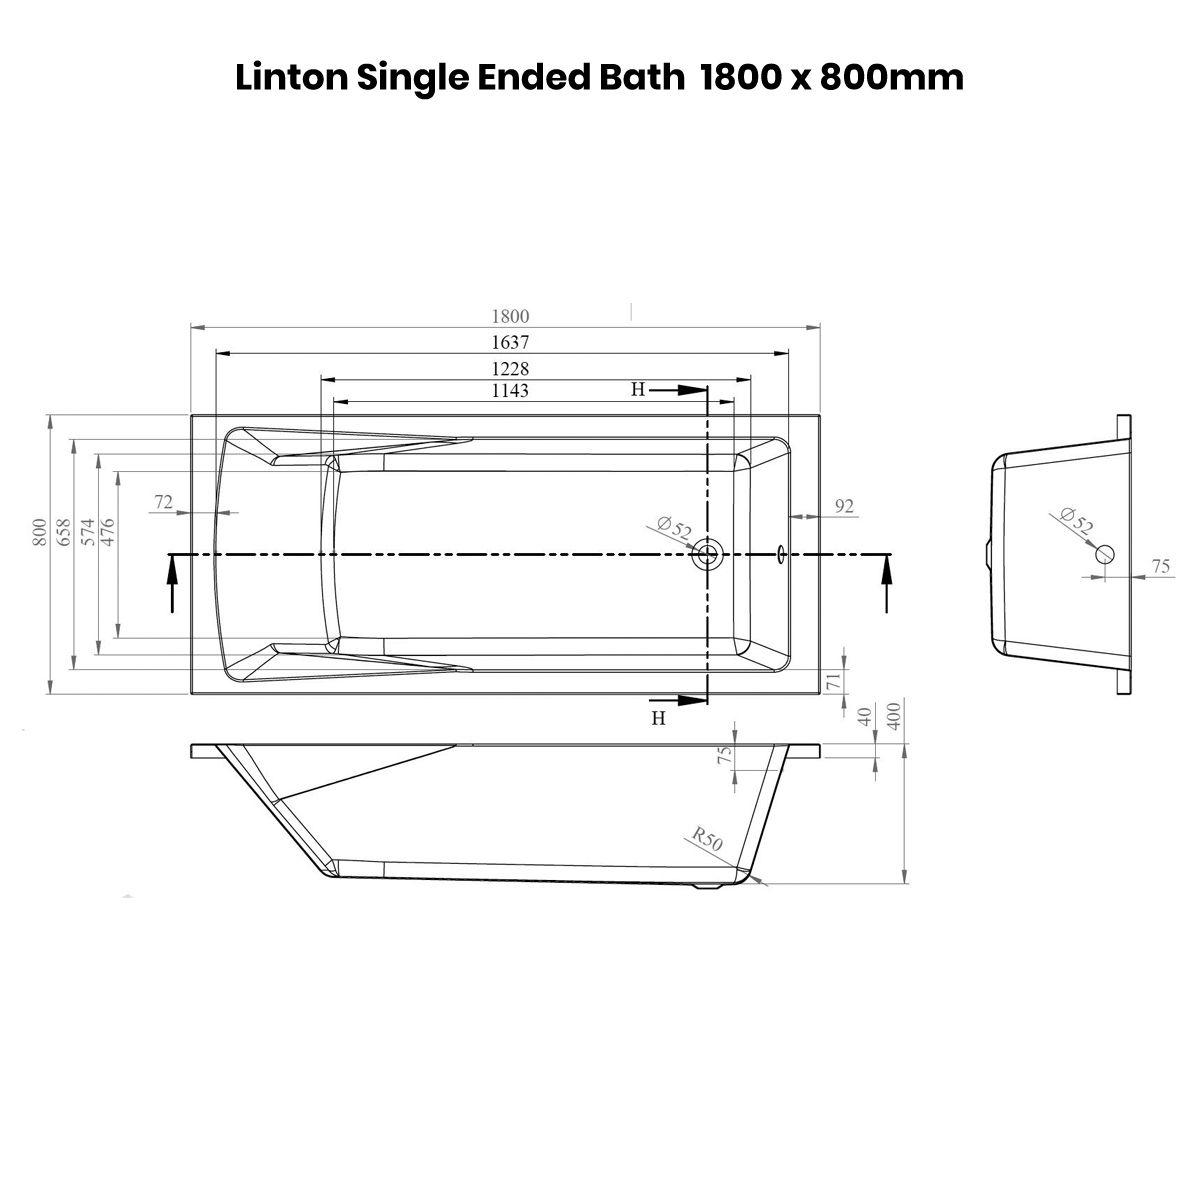 Nuie Linton Shower Bath 1800 x 800mm Dimensions